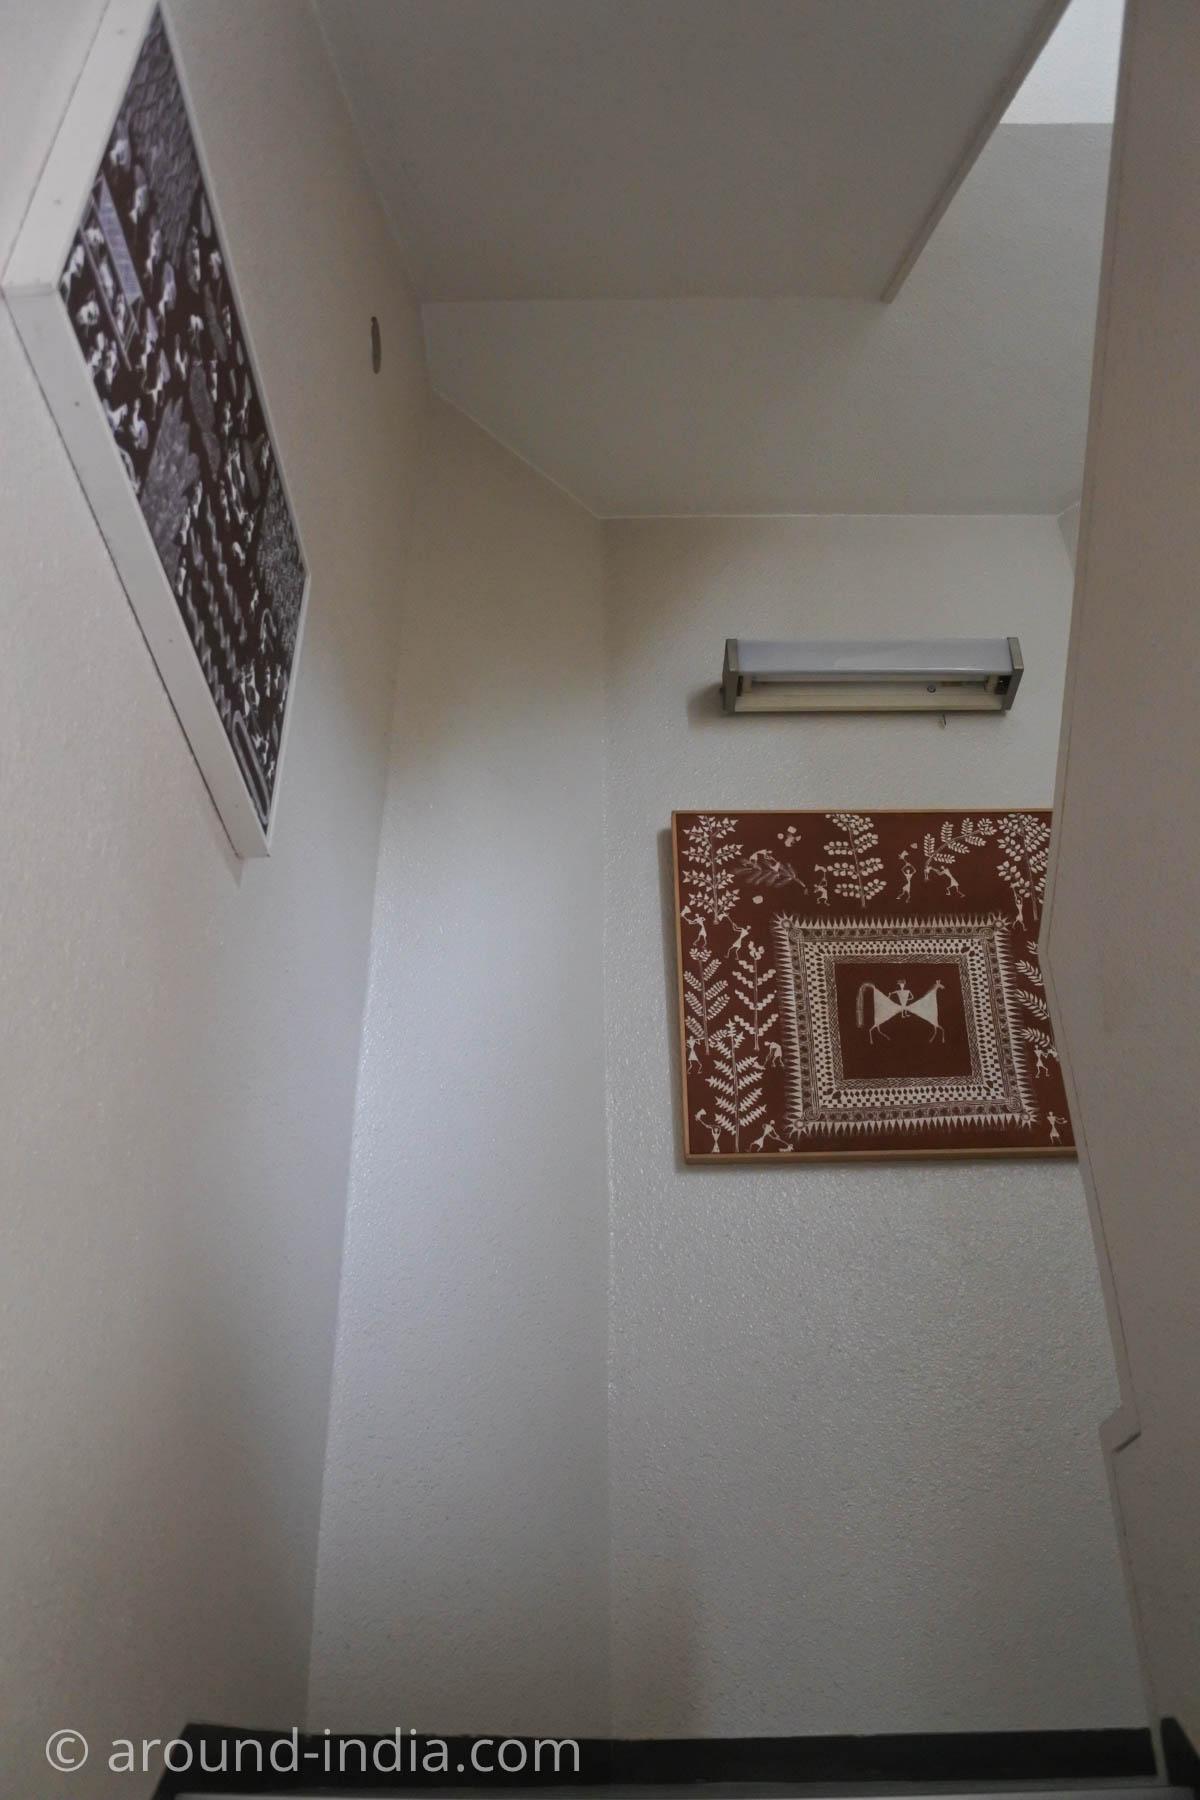 岩立フォークテキスタイルミュージアムに向かう階段